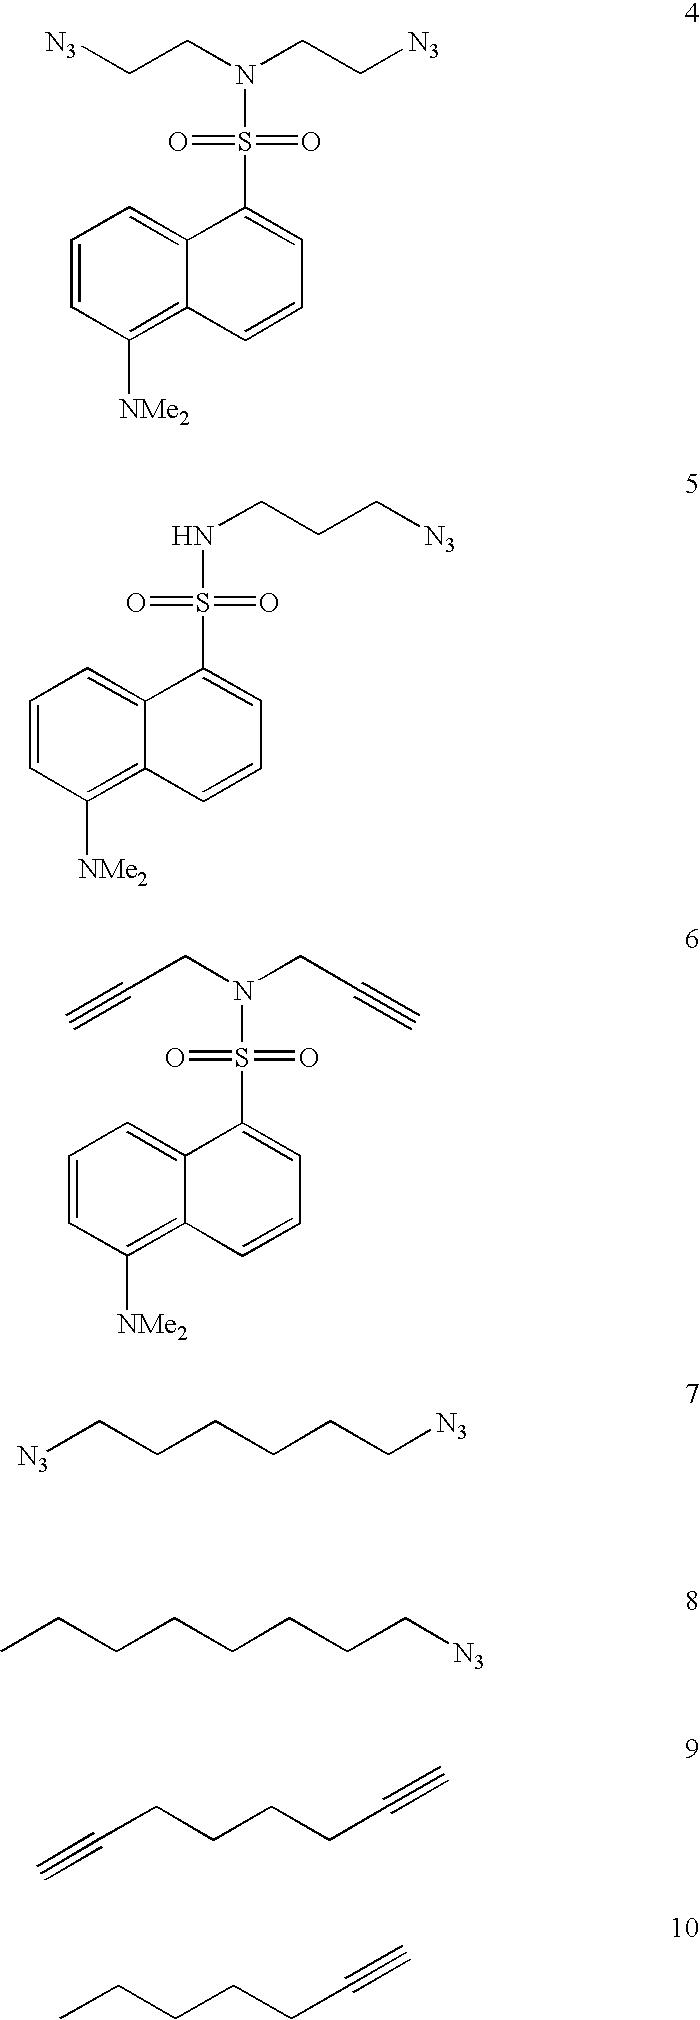 Figure US20070060658A1-20070315-C00003